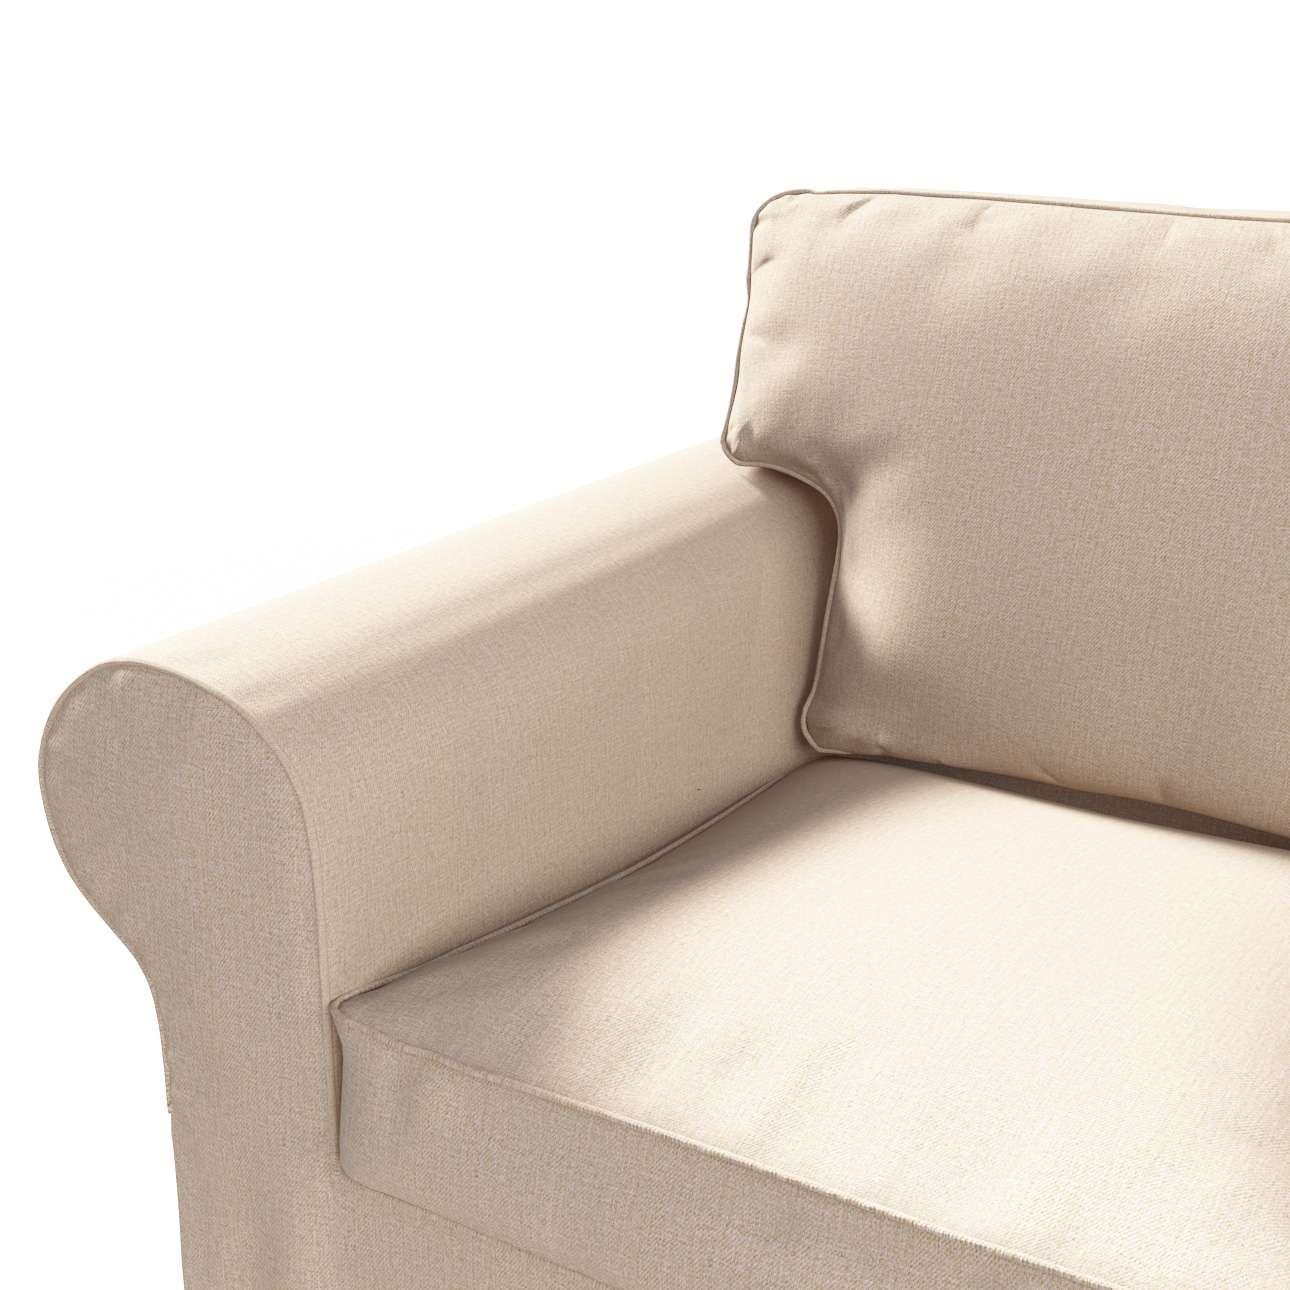 Pokrowiec na sofę Ektorp 2-osobową, nierozkładaną Sofa Ektorp 2-osobowa w kolekcji Edinburgh, tkanina: 115-78